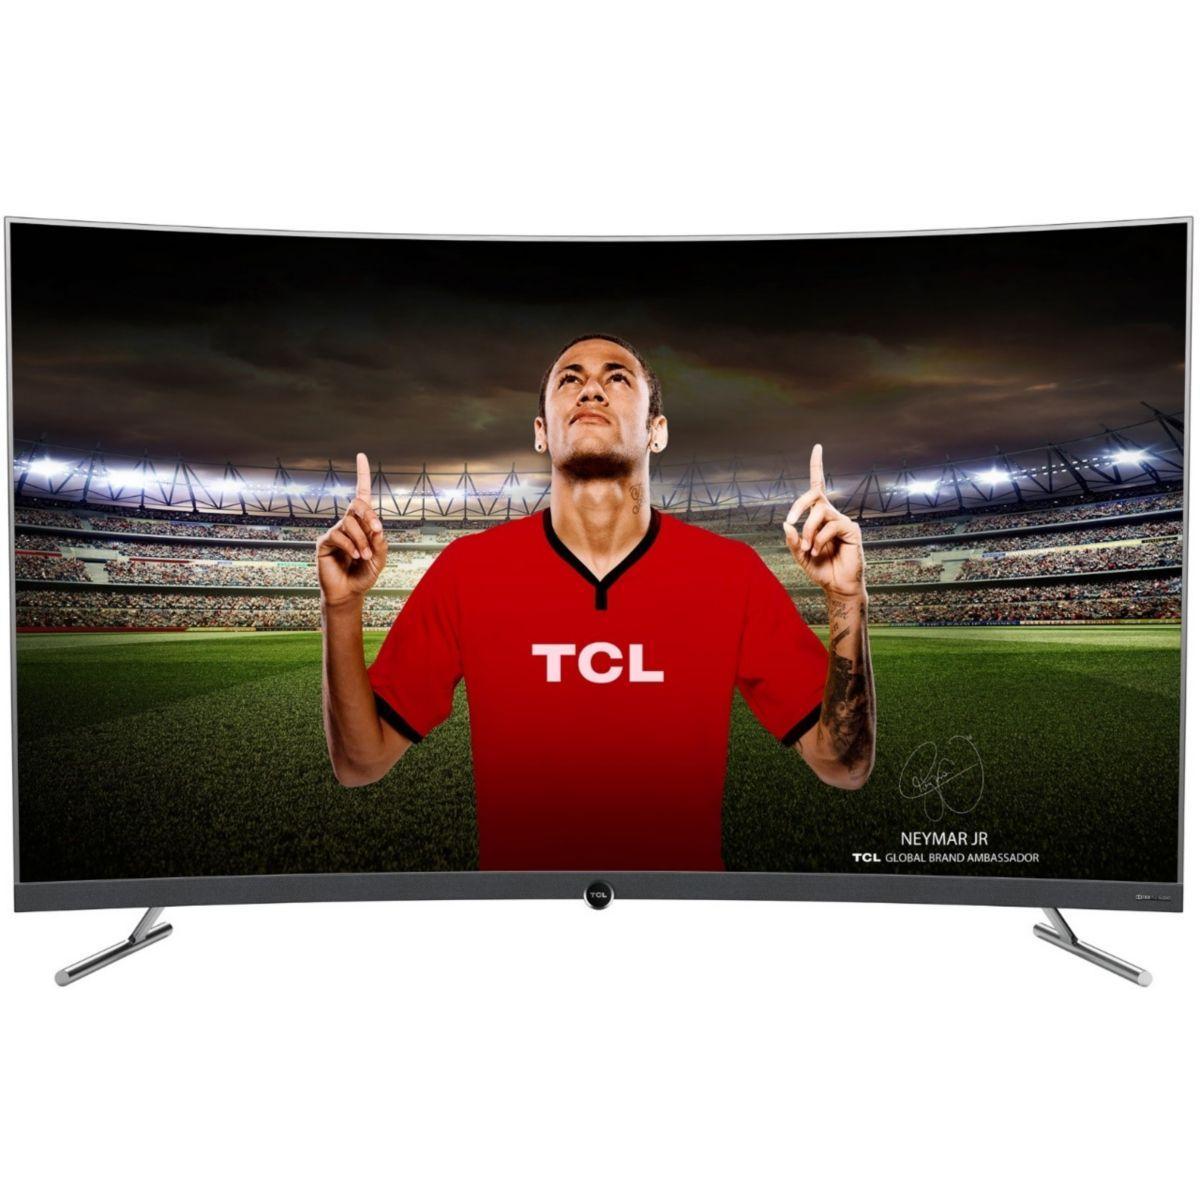 Tv led tcl 55dp670 incurve - 2% de remise imm�diate avec le code : deal2